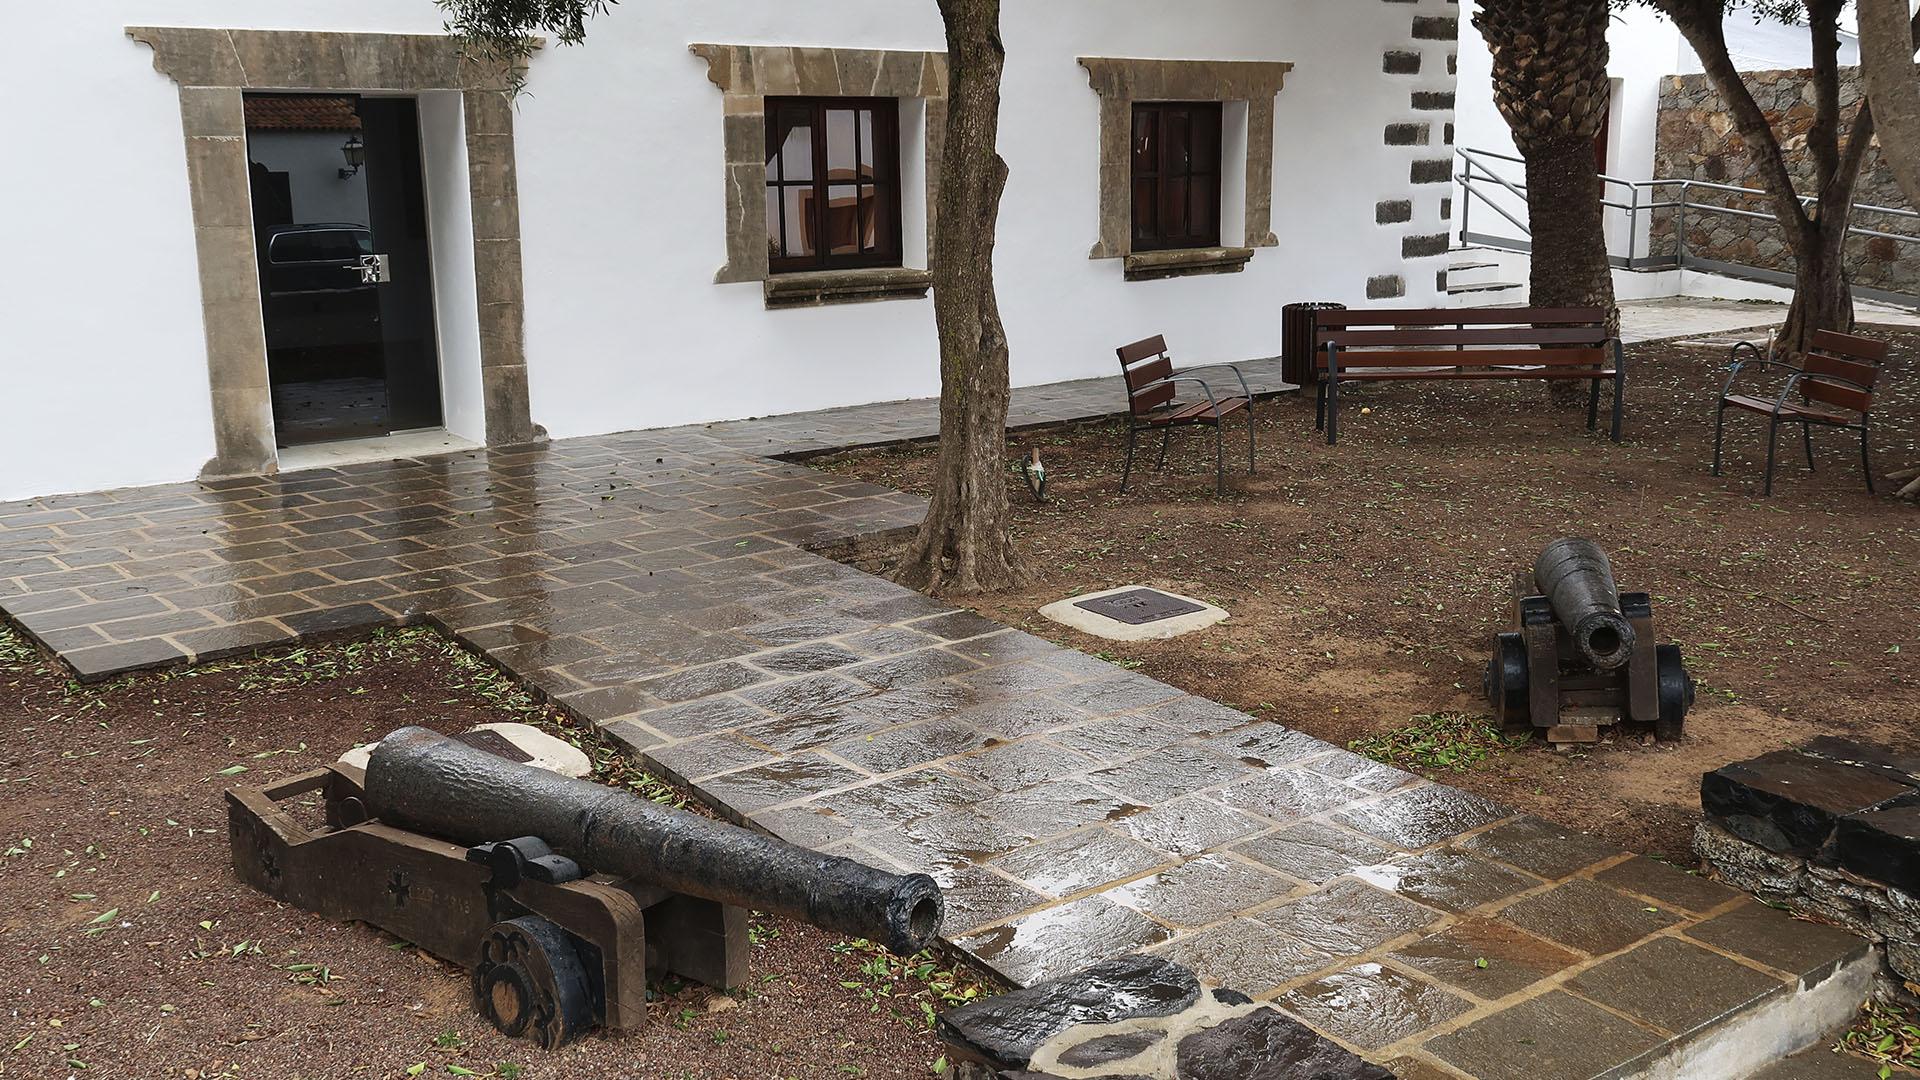 Kanonen des Col. Melchor Cabrera Bethencourt aus dem 18. Jhd. Fuerteventura.